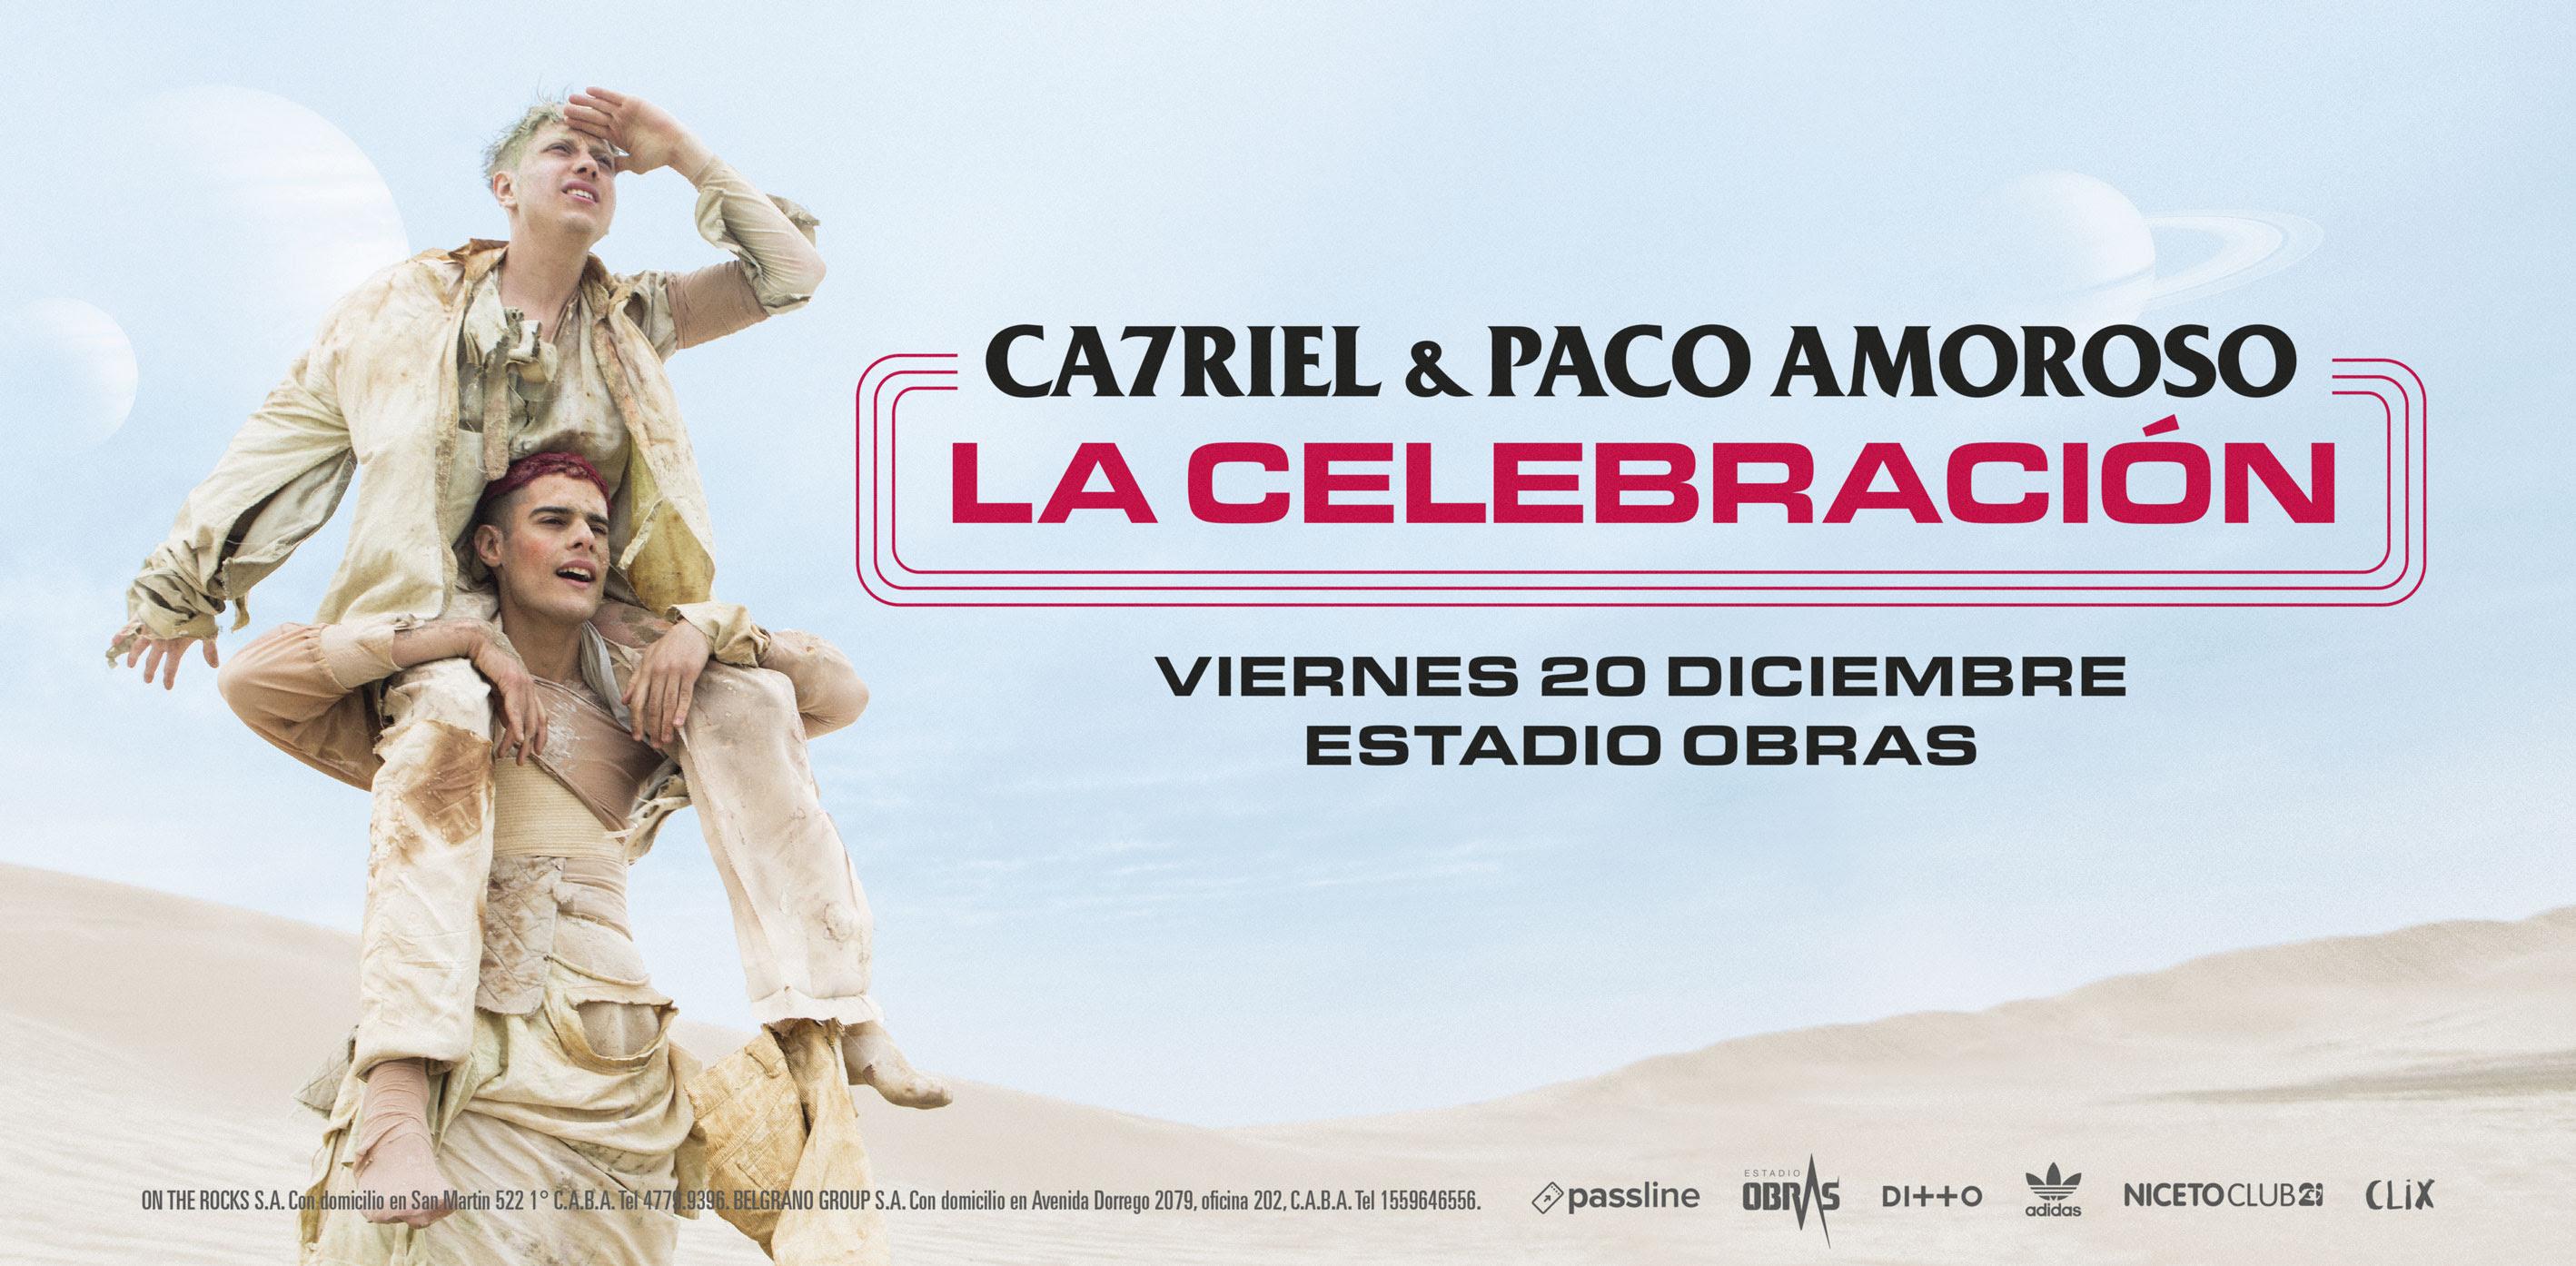 catriel_paco_amoroso_la_celebracion_estadio_obras_loqueva (1)